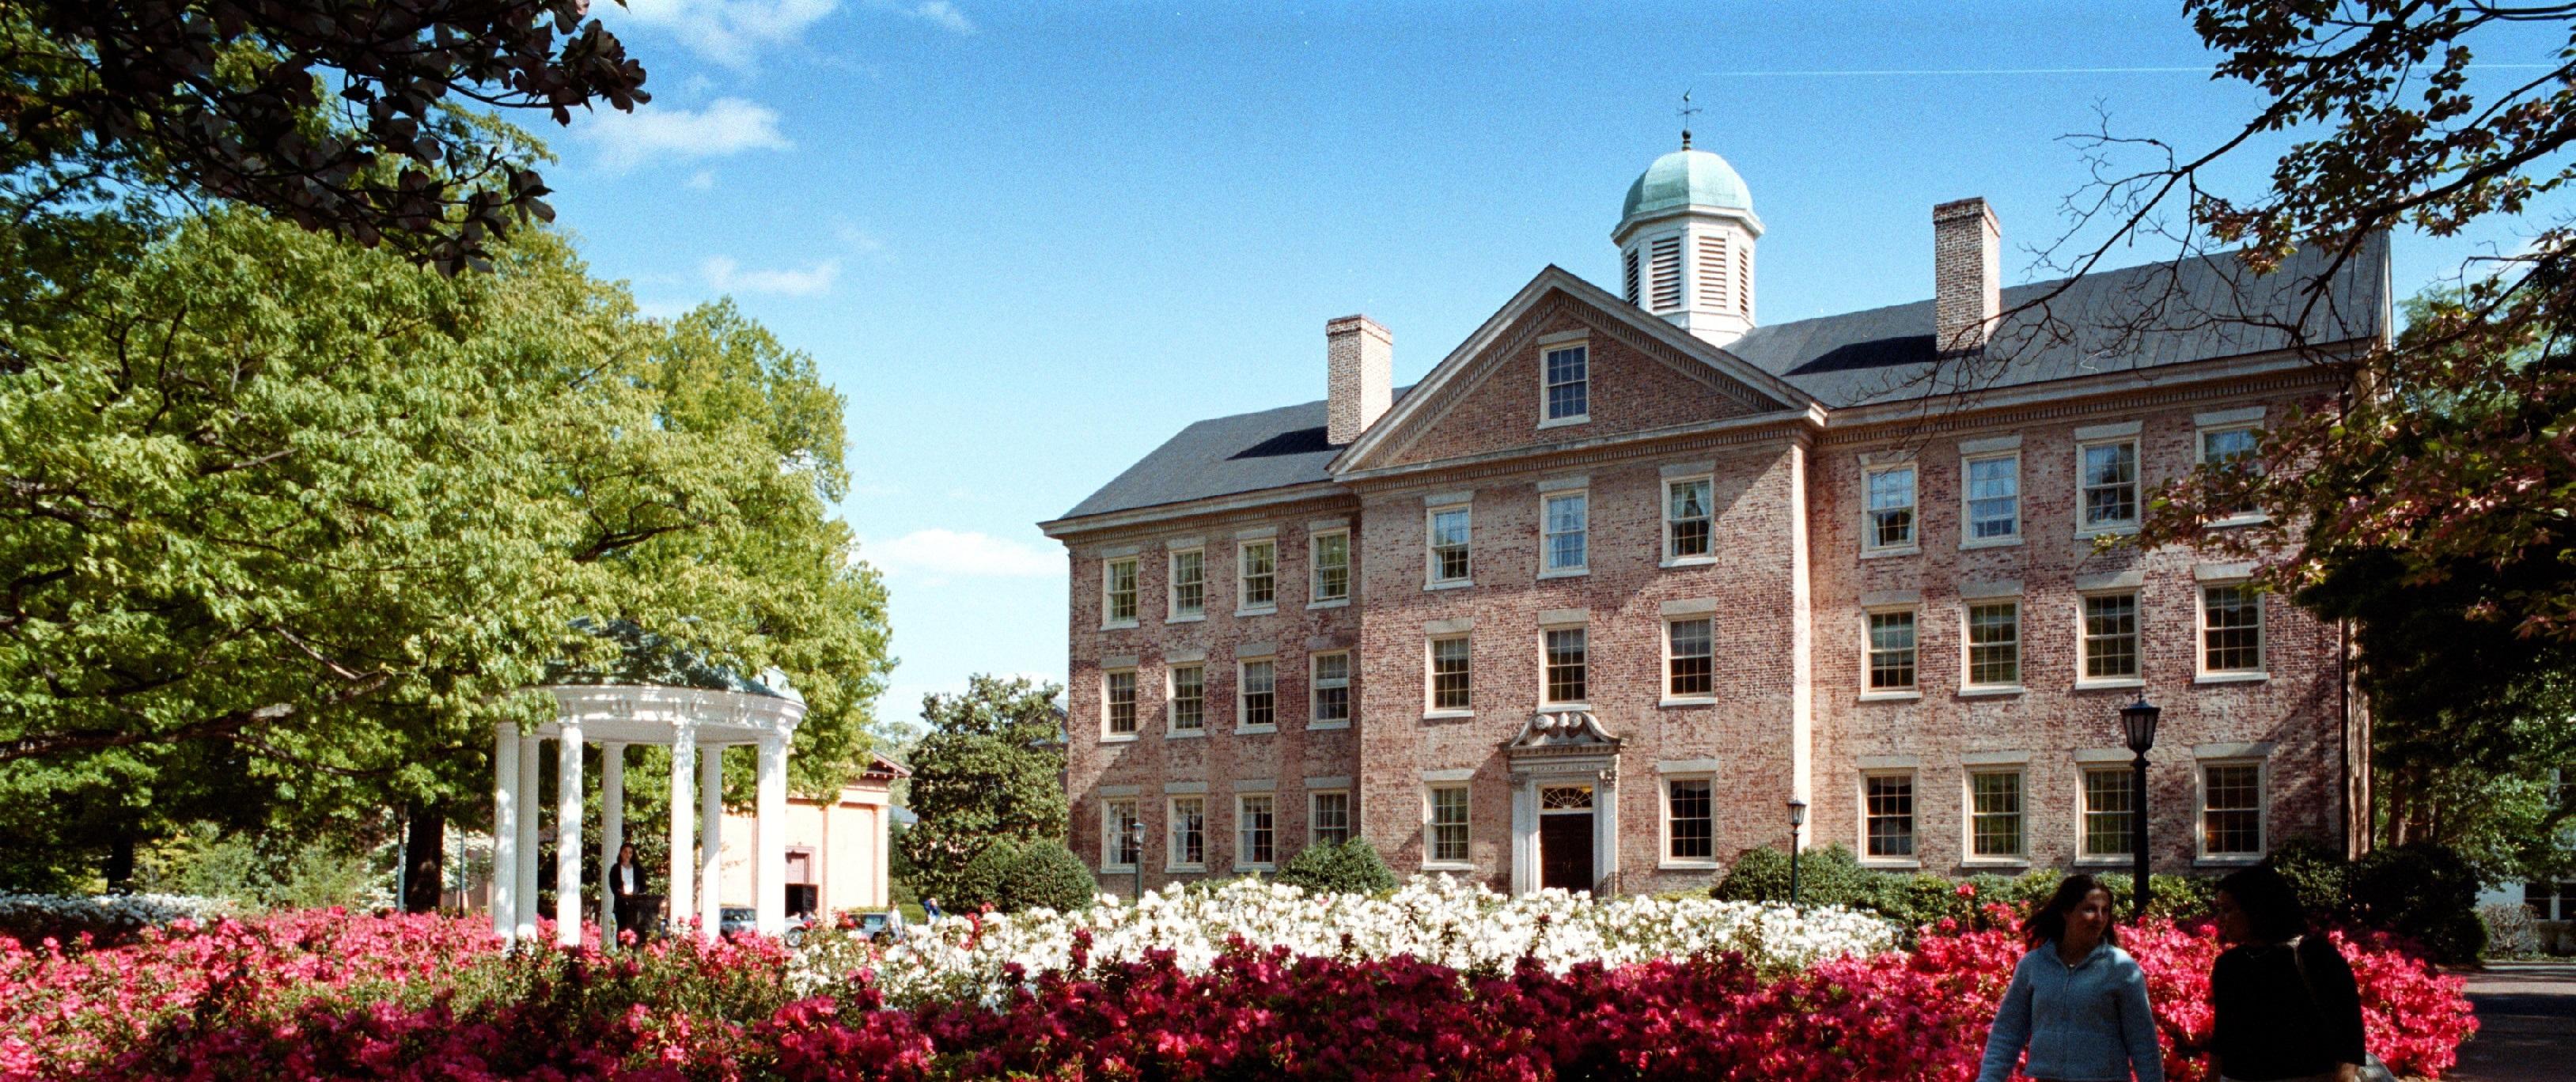 Top các trường đại học công lập hàng đầu nữa Mỹ